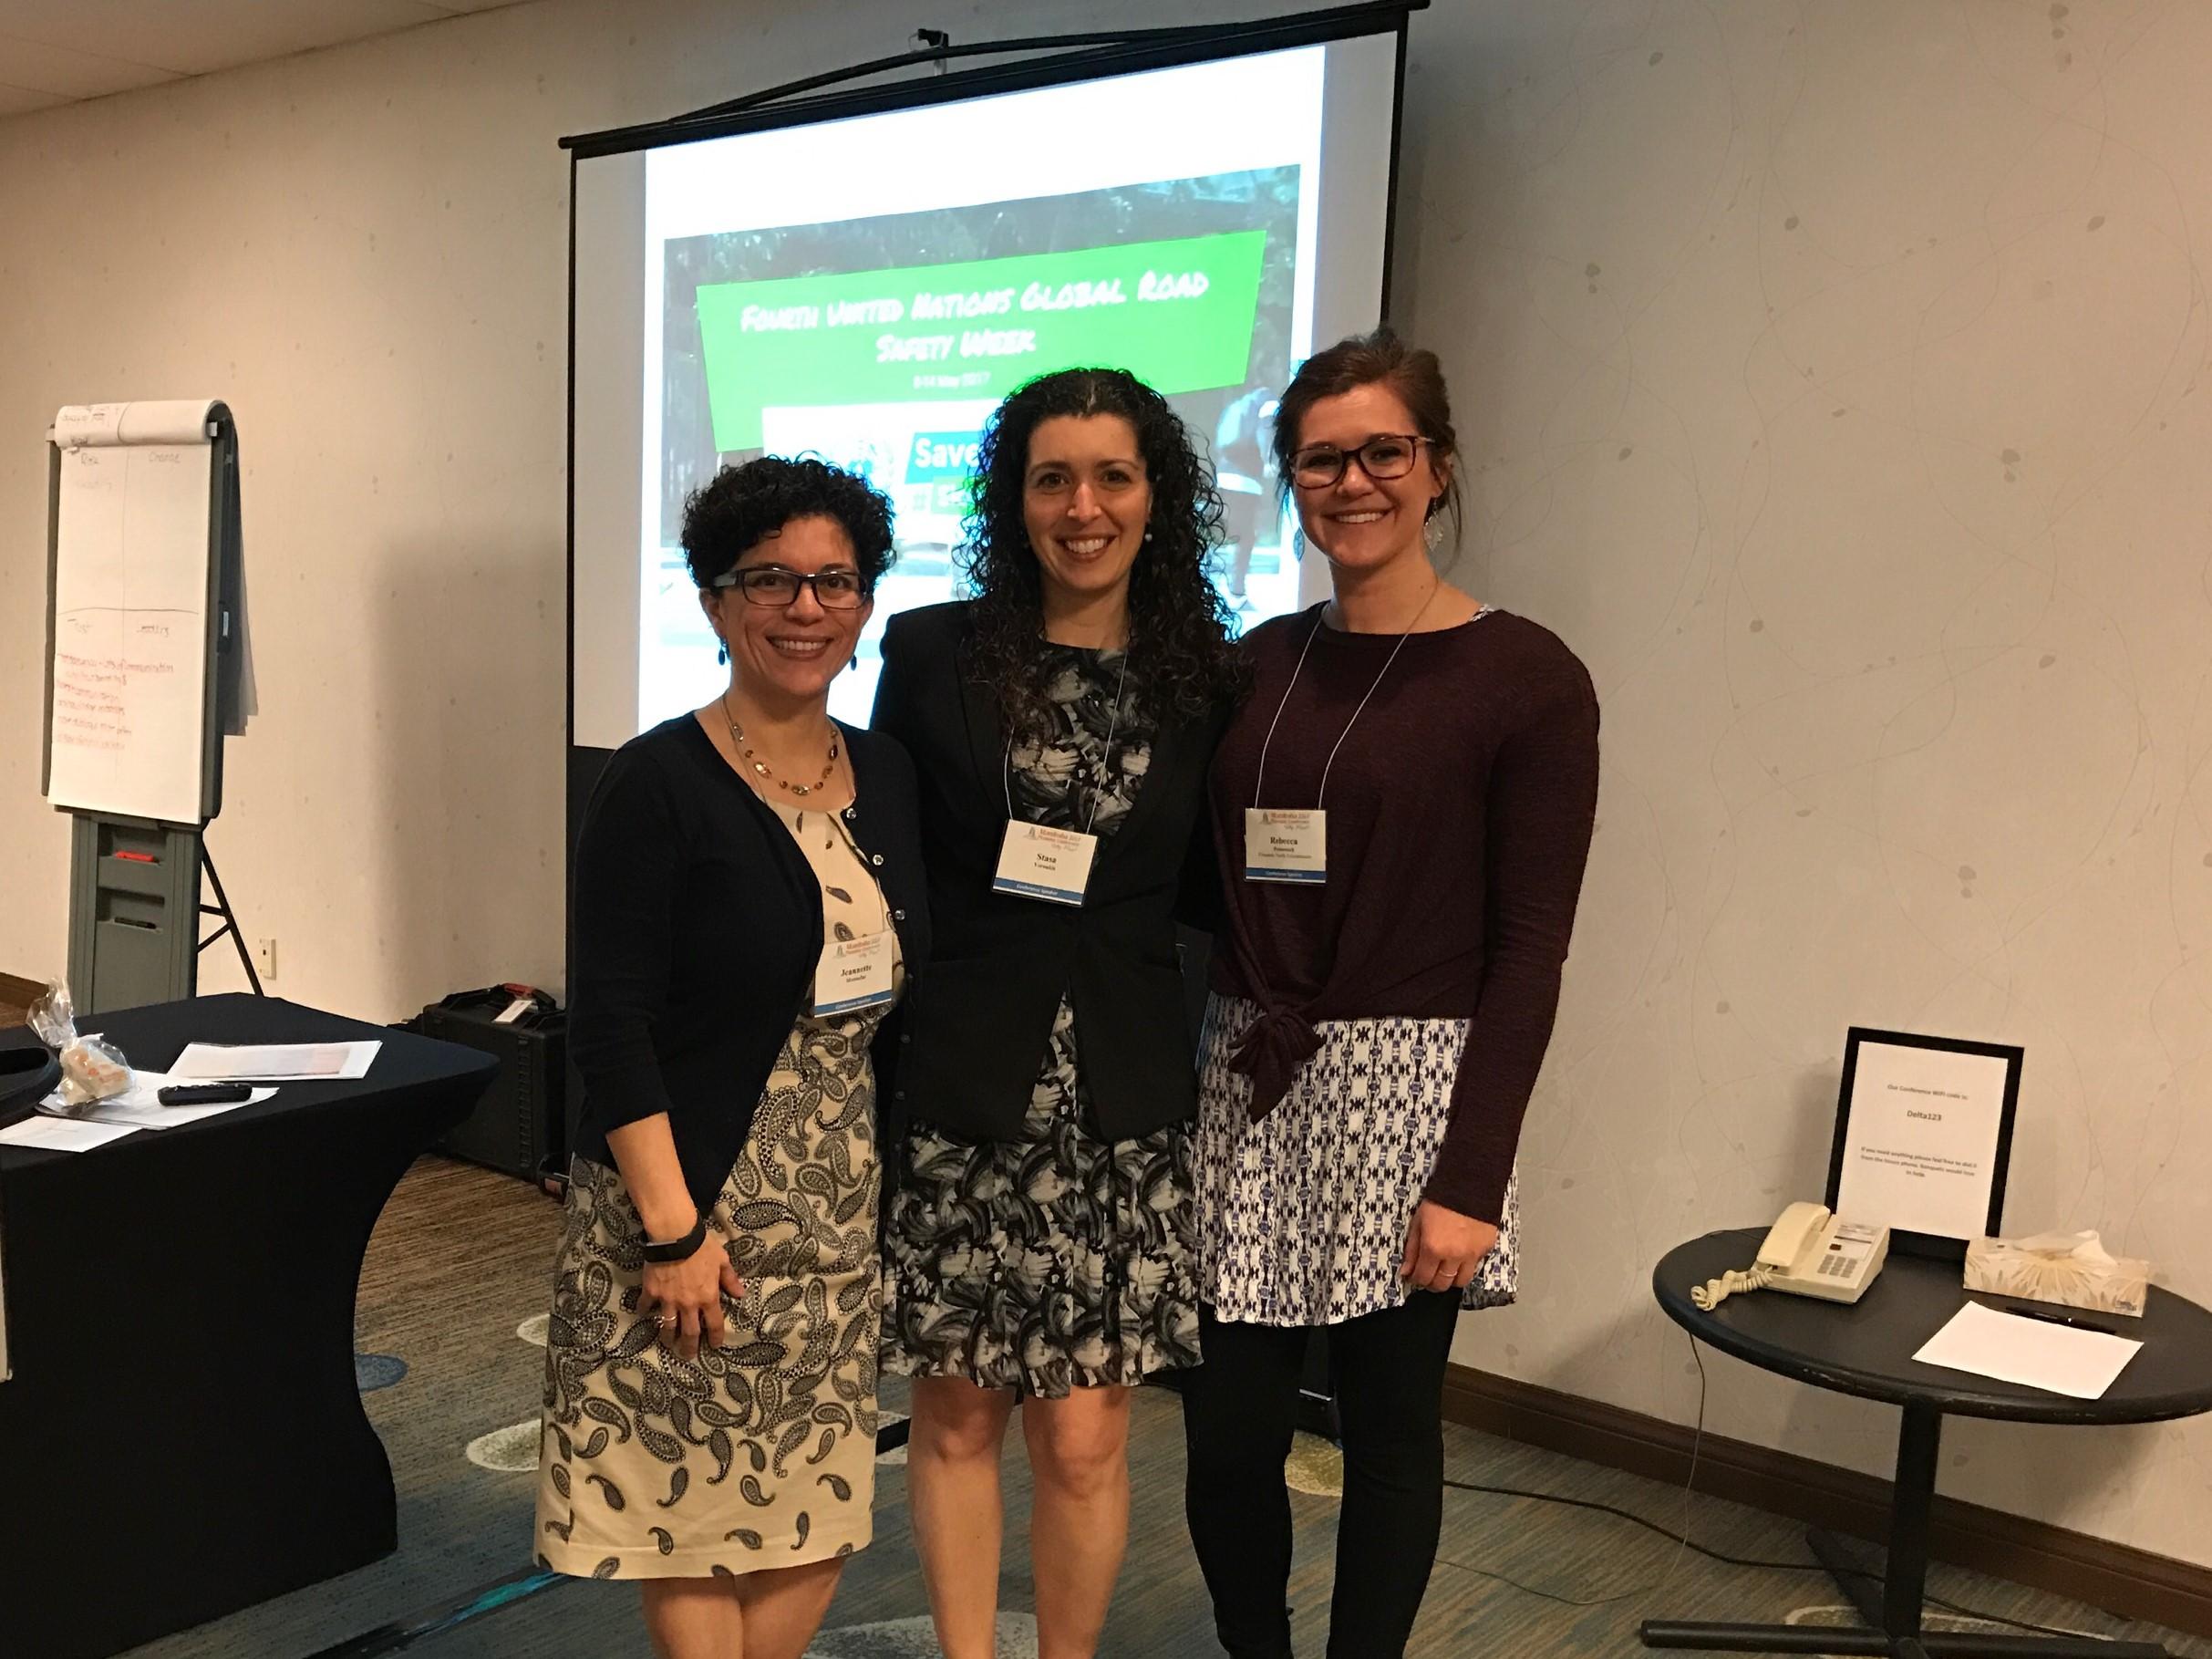 From left: Dr. Jeannette Montufar, Dr. Stasa Veroukis, Rebecca Peterniak